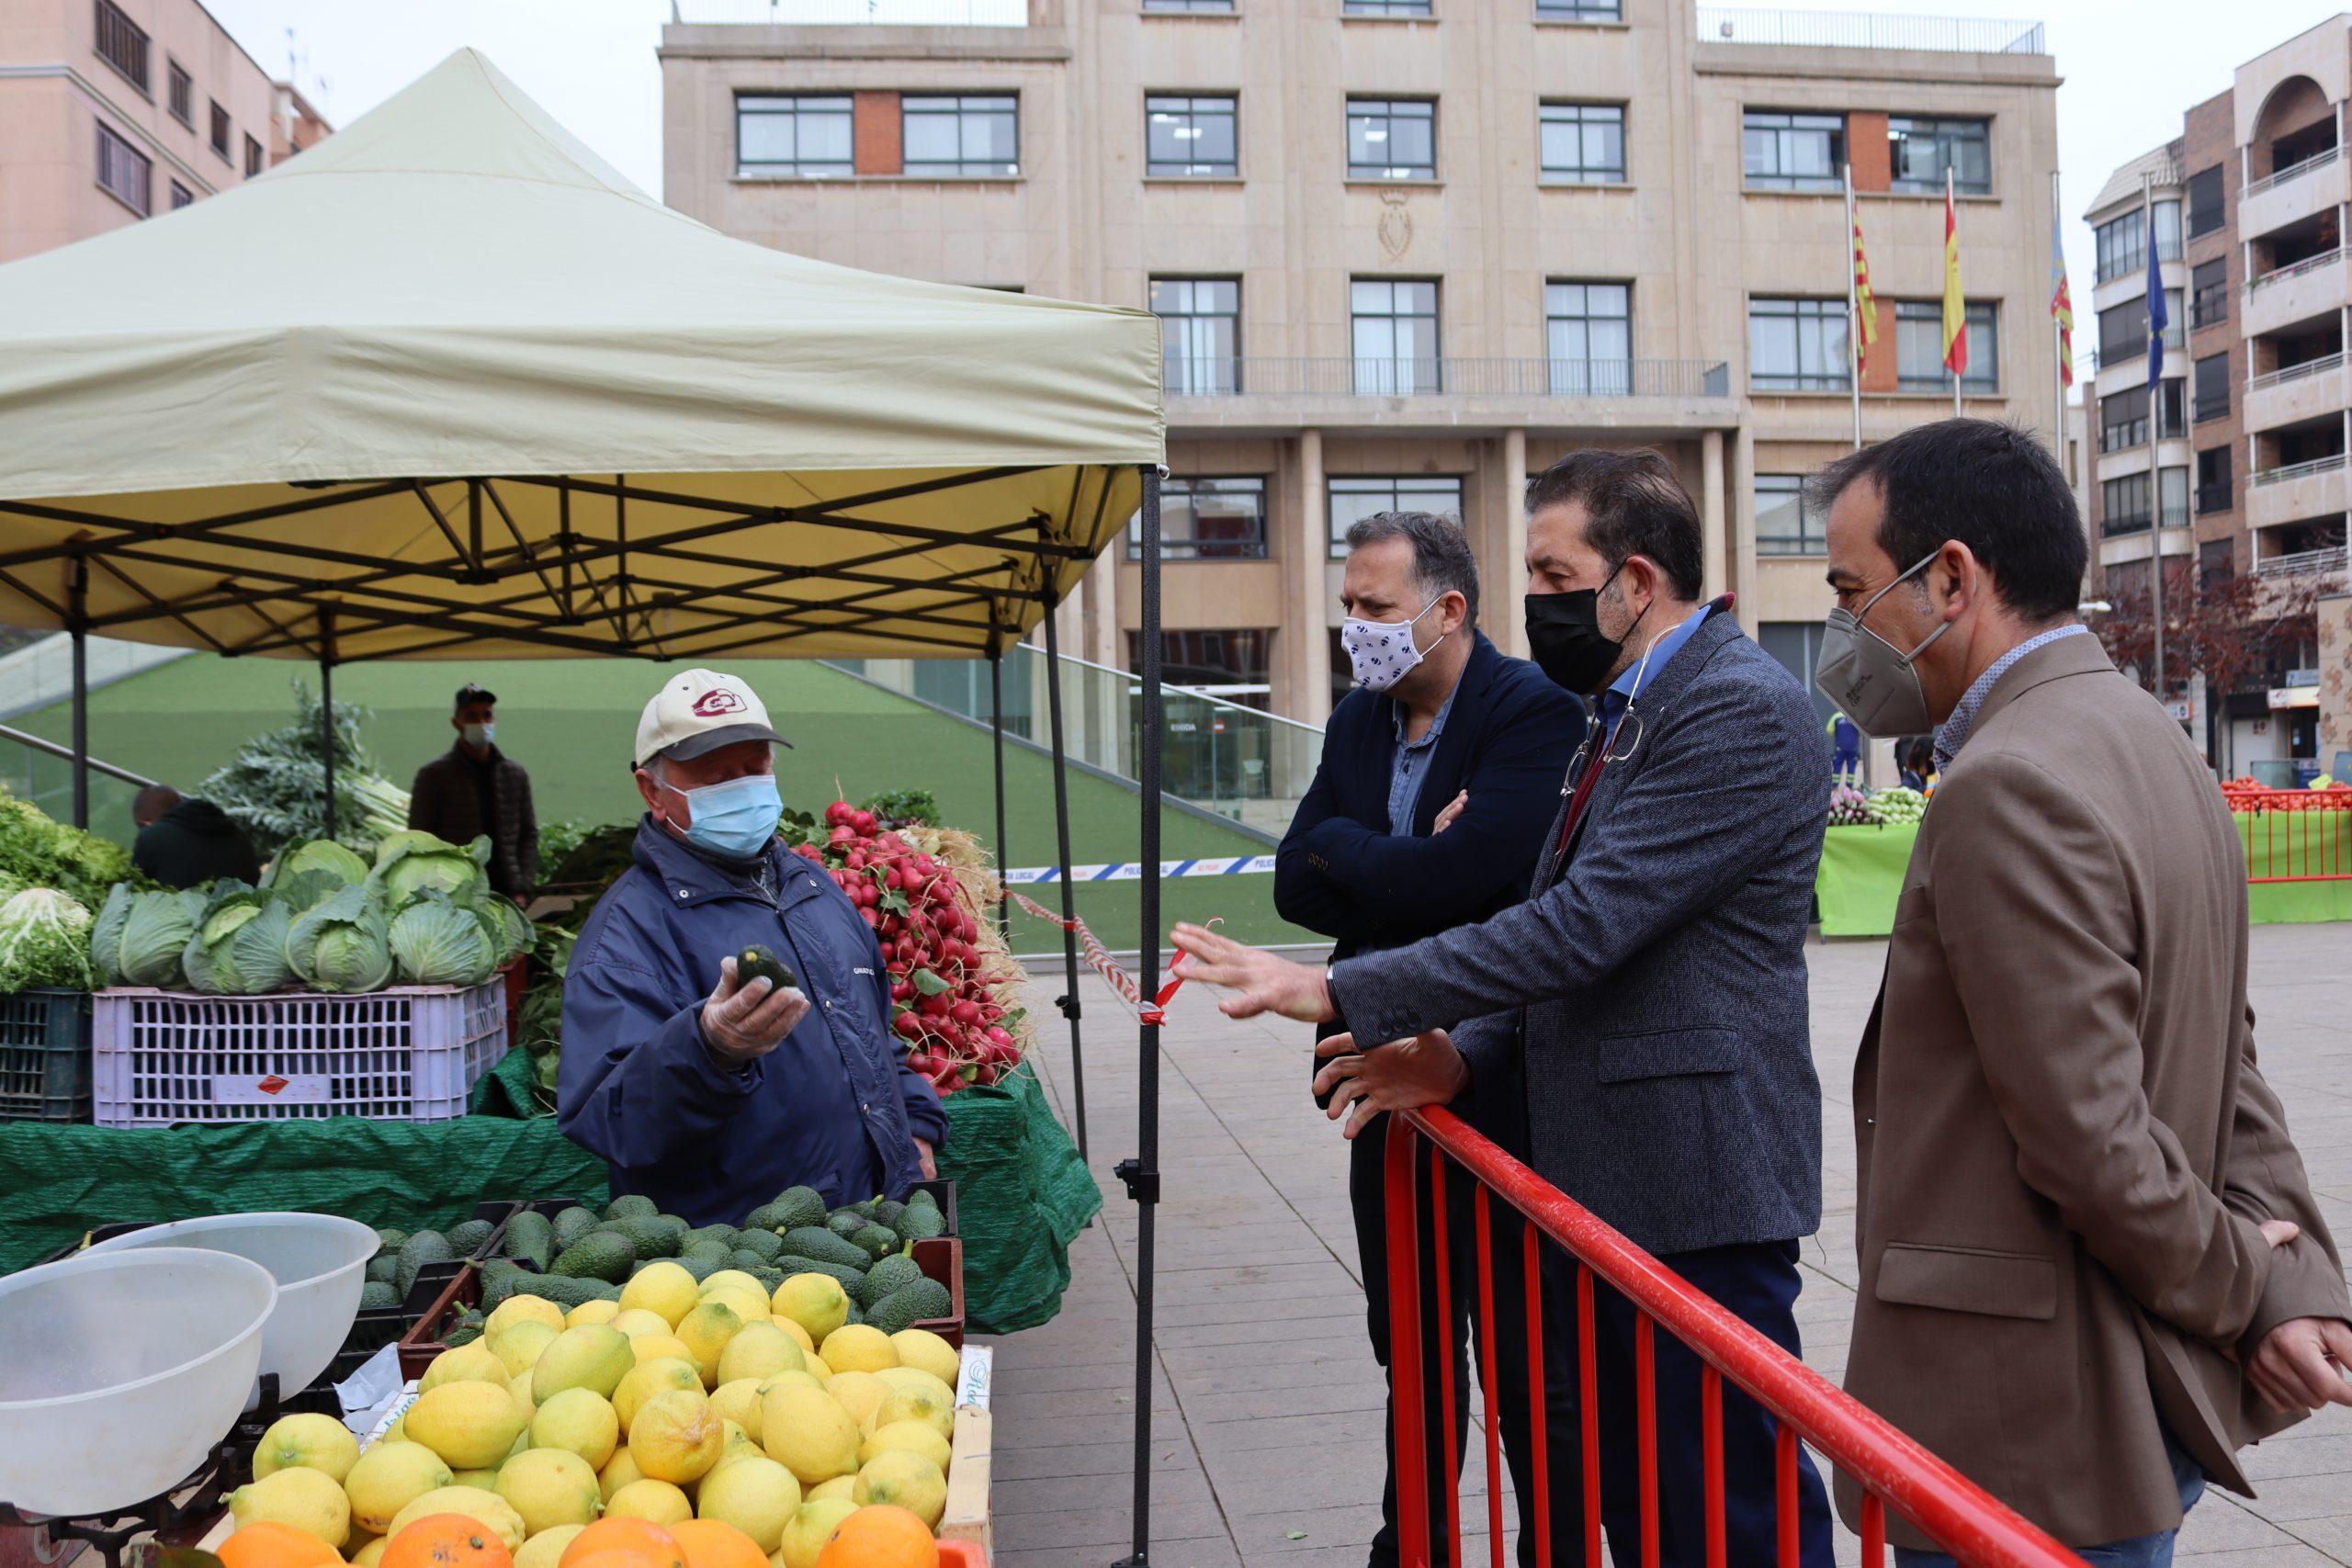 Economía cierra un acuerdo con Carrefour para la venta de fruta y verdura de los productores locales del mercado del jueves